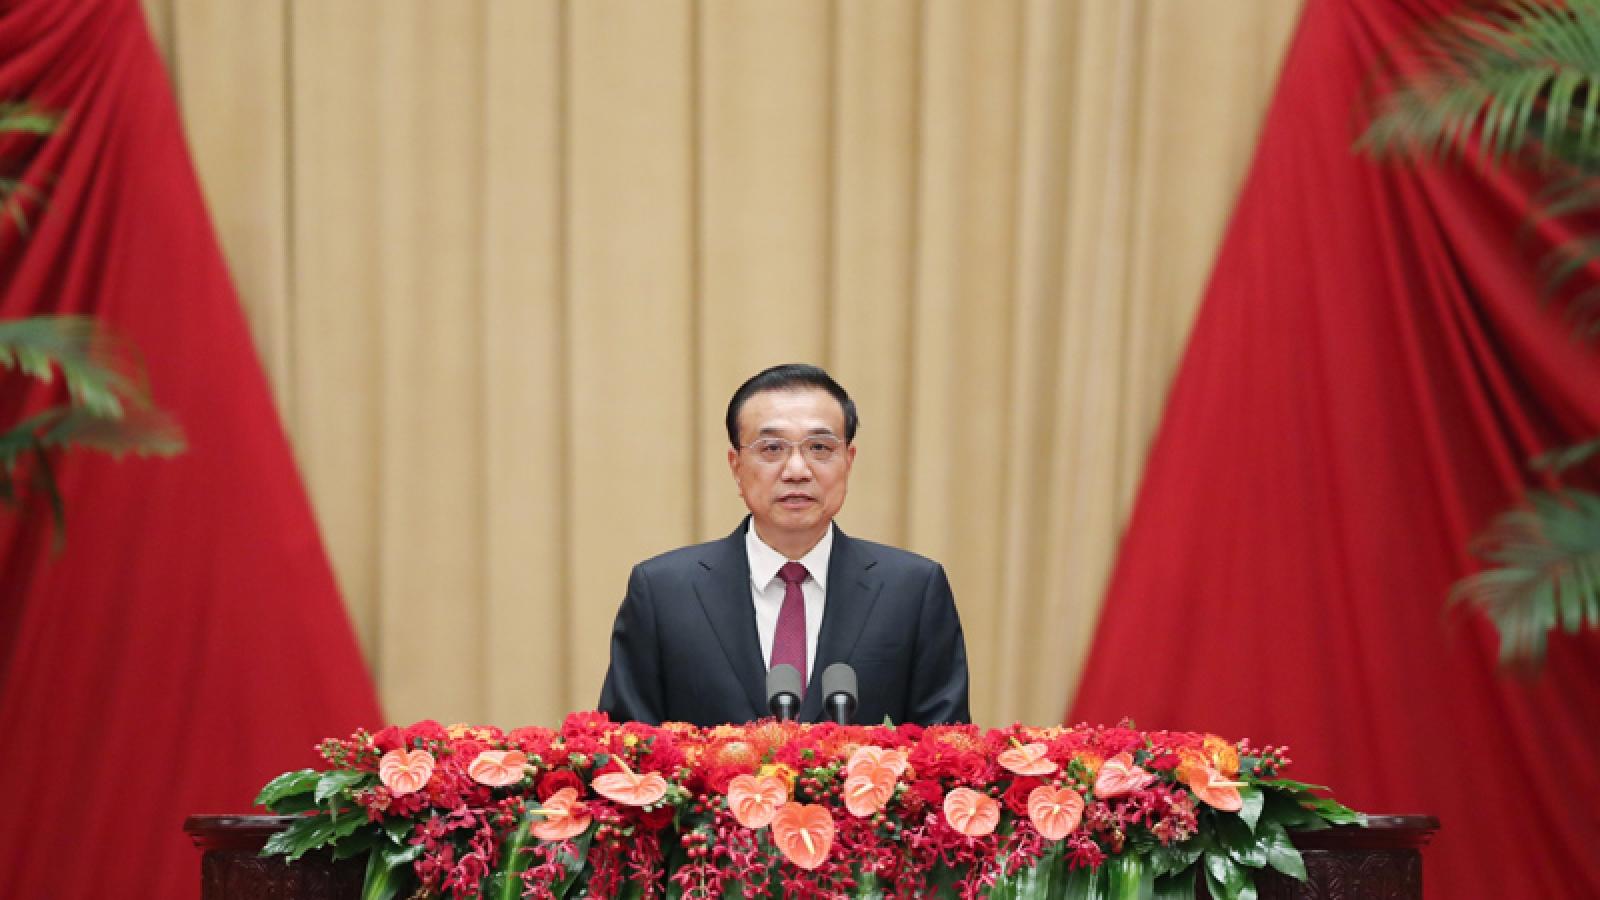 Thủ tướng Trung Quốc khẳng định sẽ nỗ lực hoàn thành các mục tiêu bất chấp đại dịch